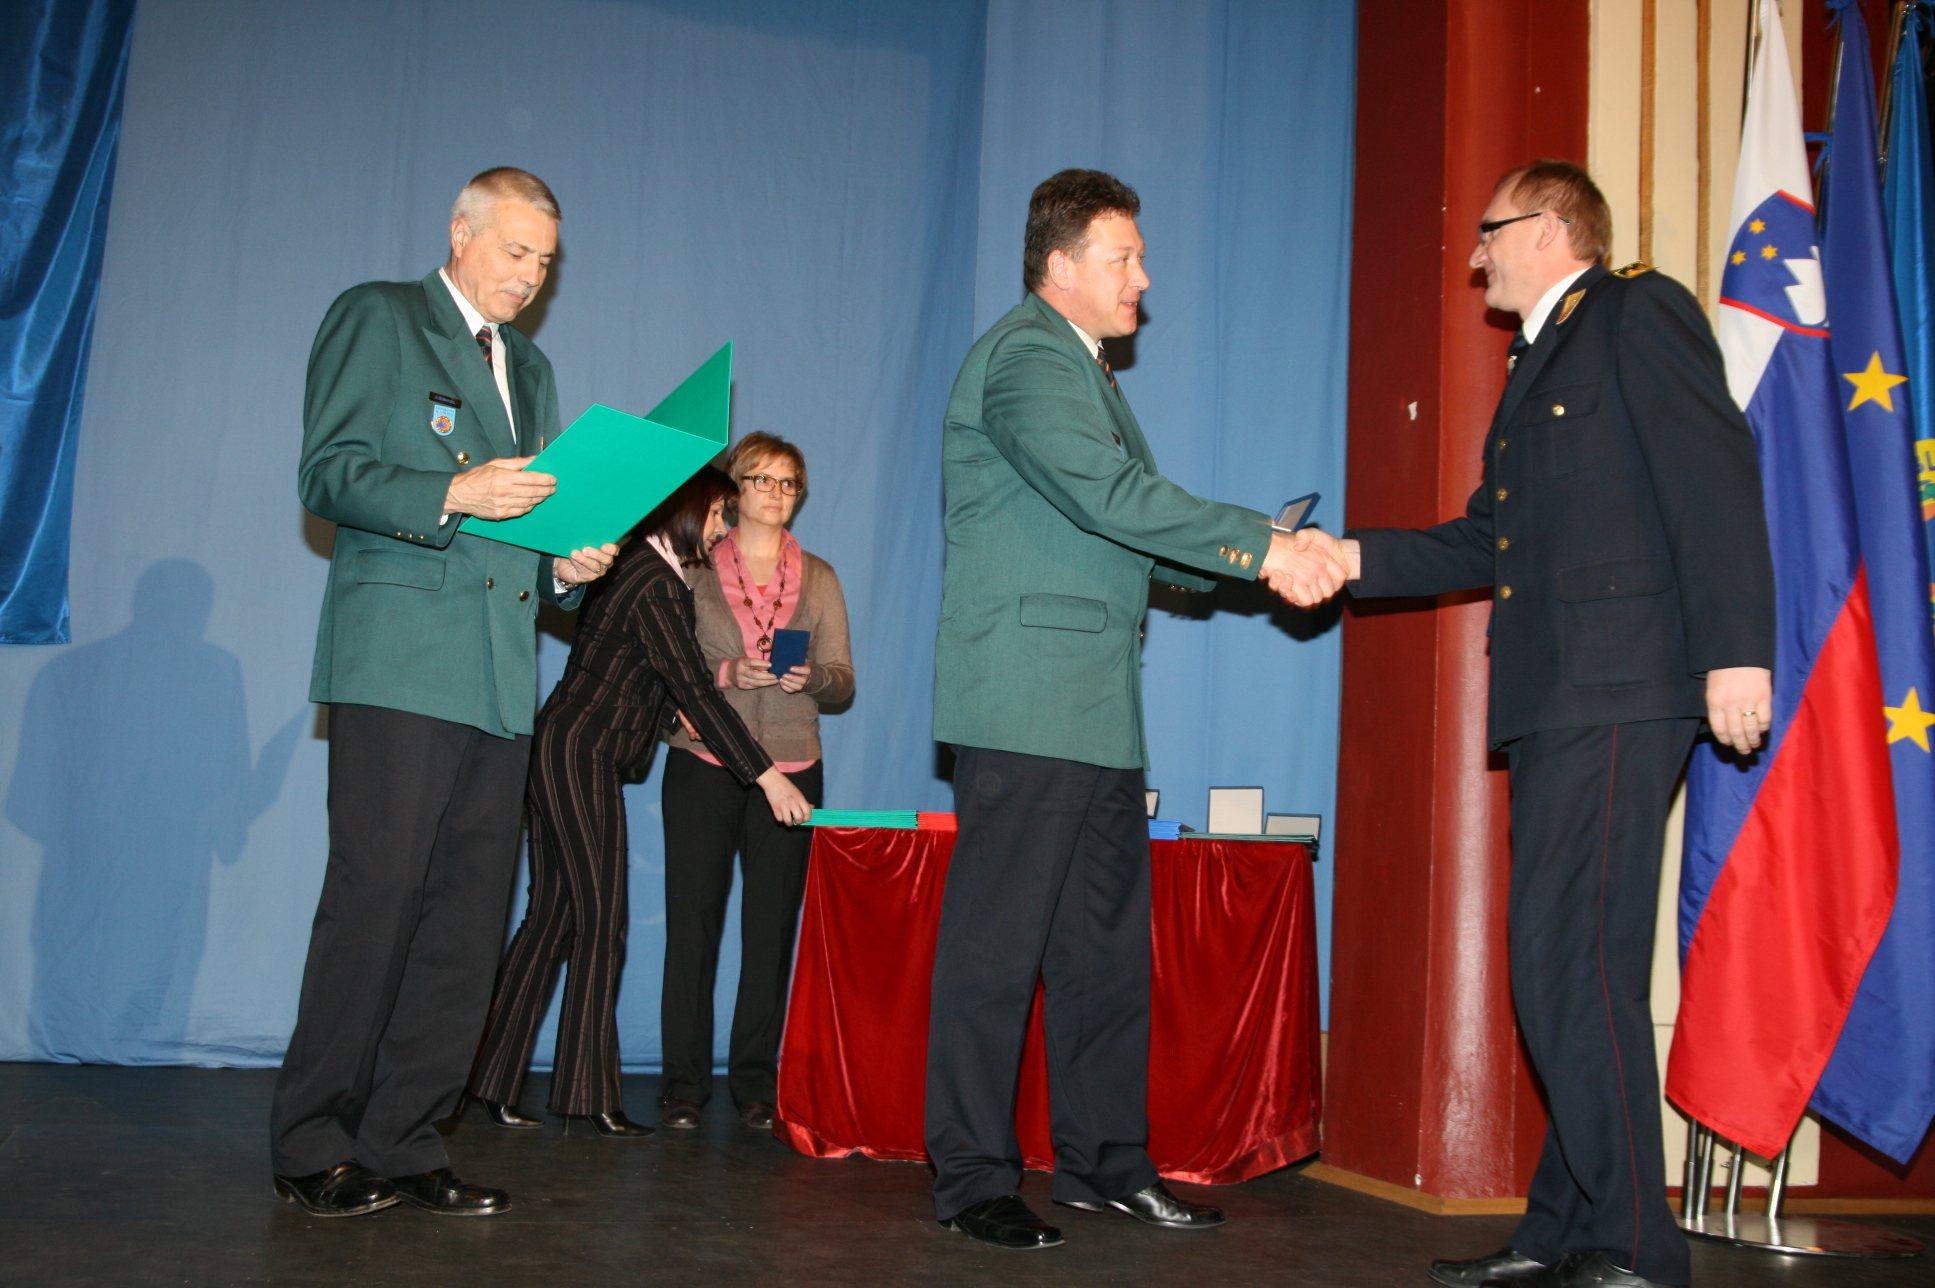 Regijski vodja civilne zaščite Martin Smodiš je priznanje podelil tudi Miranu Rosu.